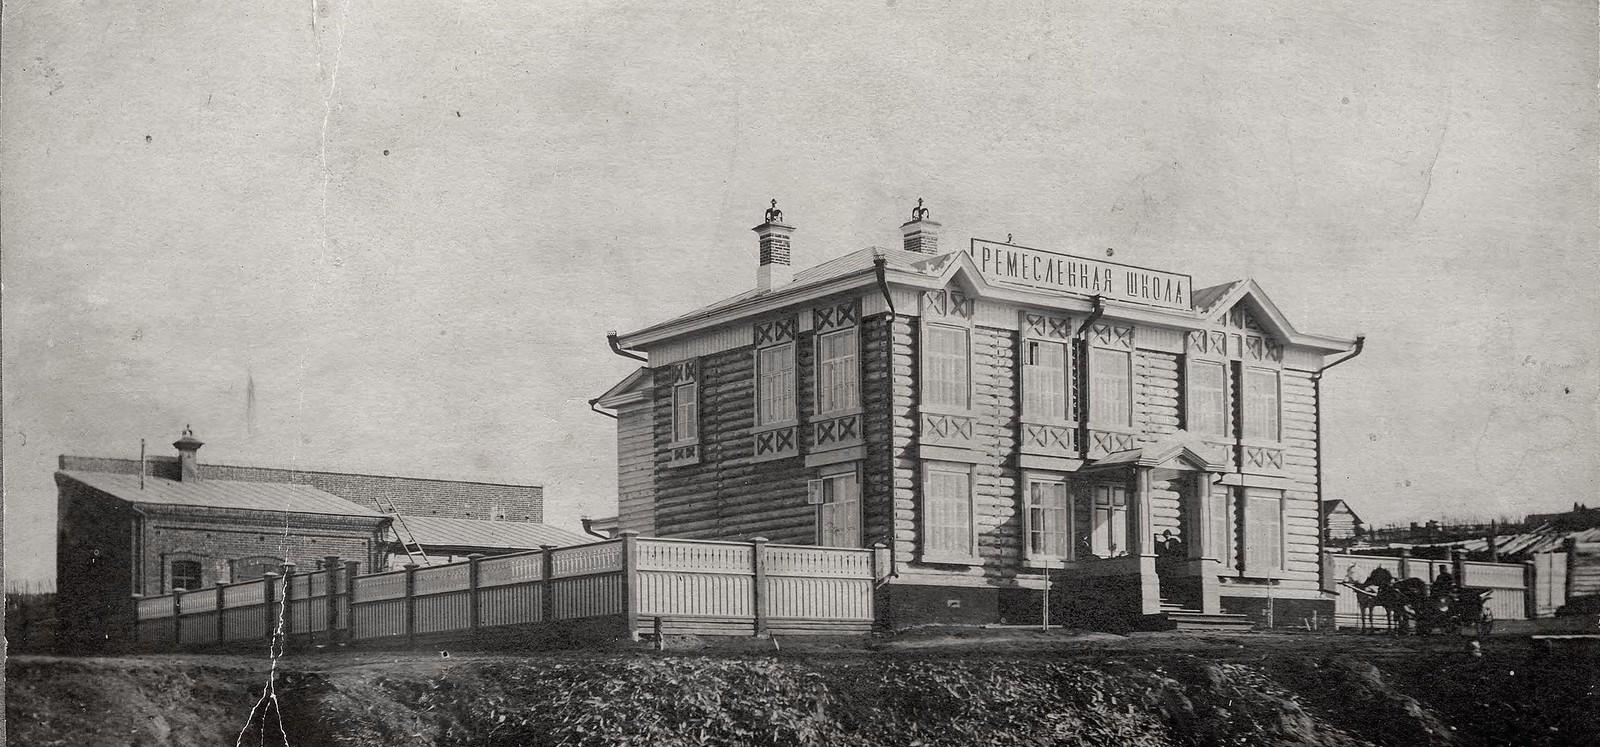 1900. Ремесленная школа